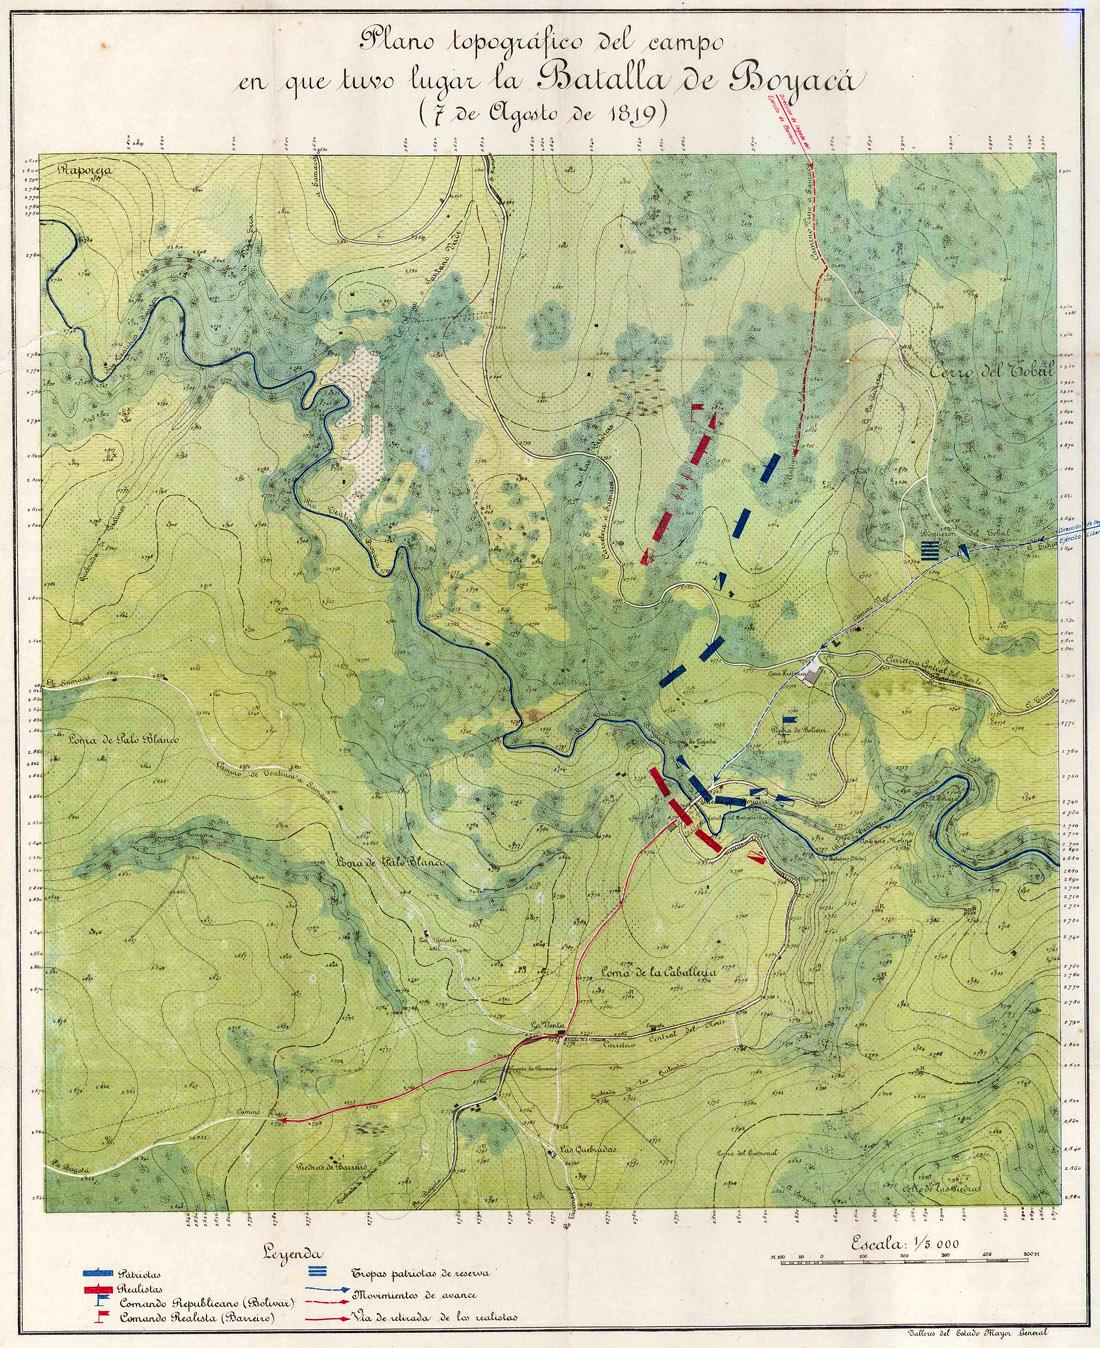 Plano_topográfico_del_campo_en_que_tuvo_lugar_la_Batalla_de_Boyacá_-7_de_agosto_de_1819-.jpg